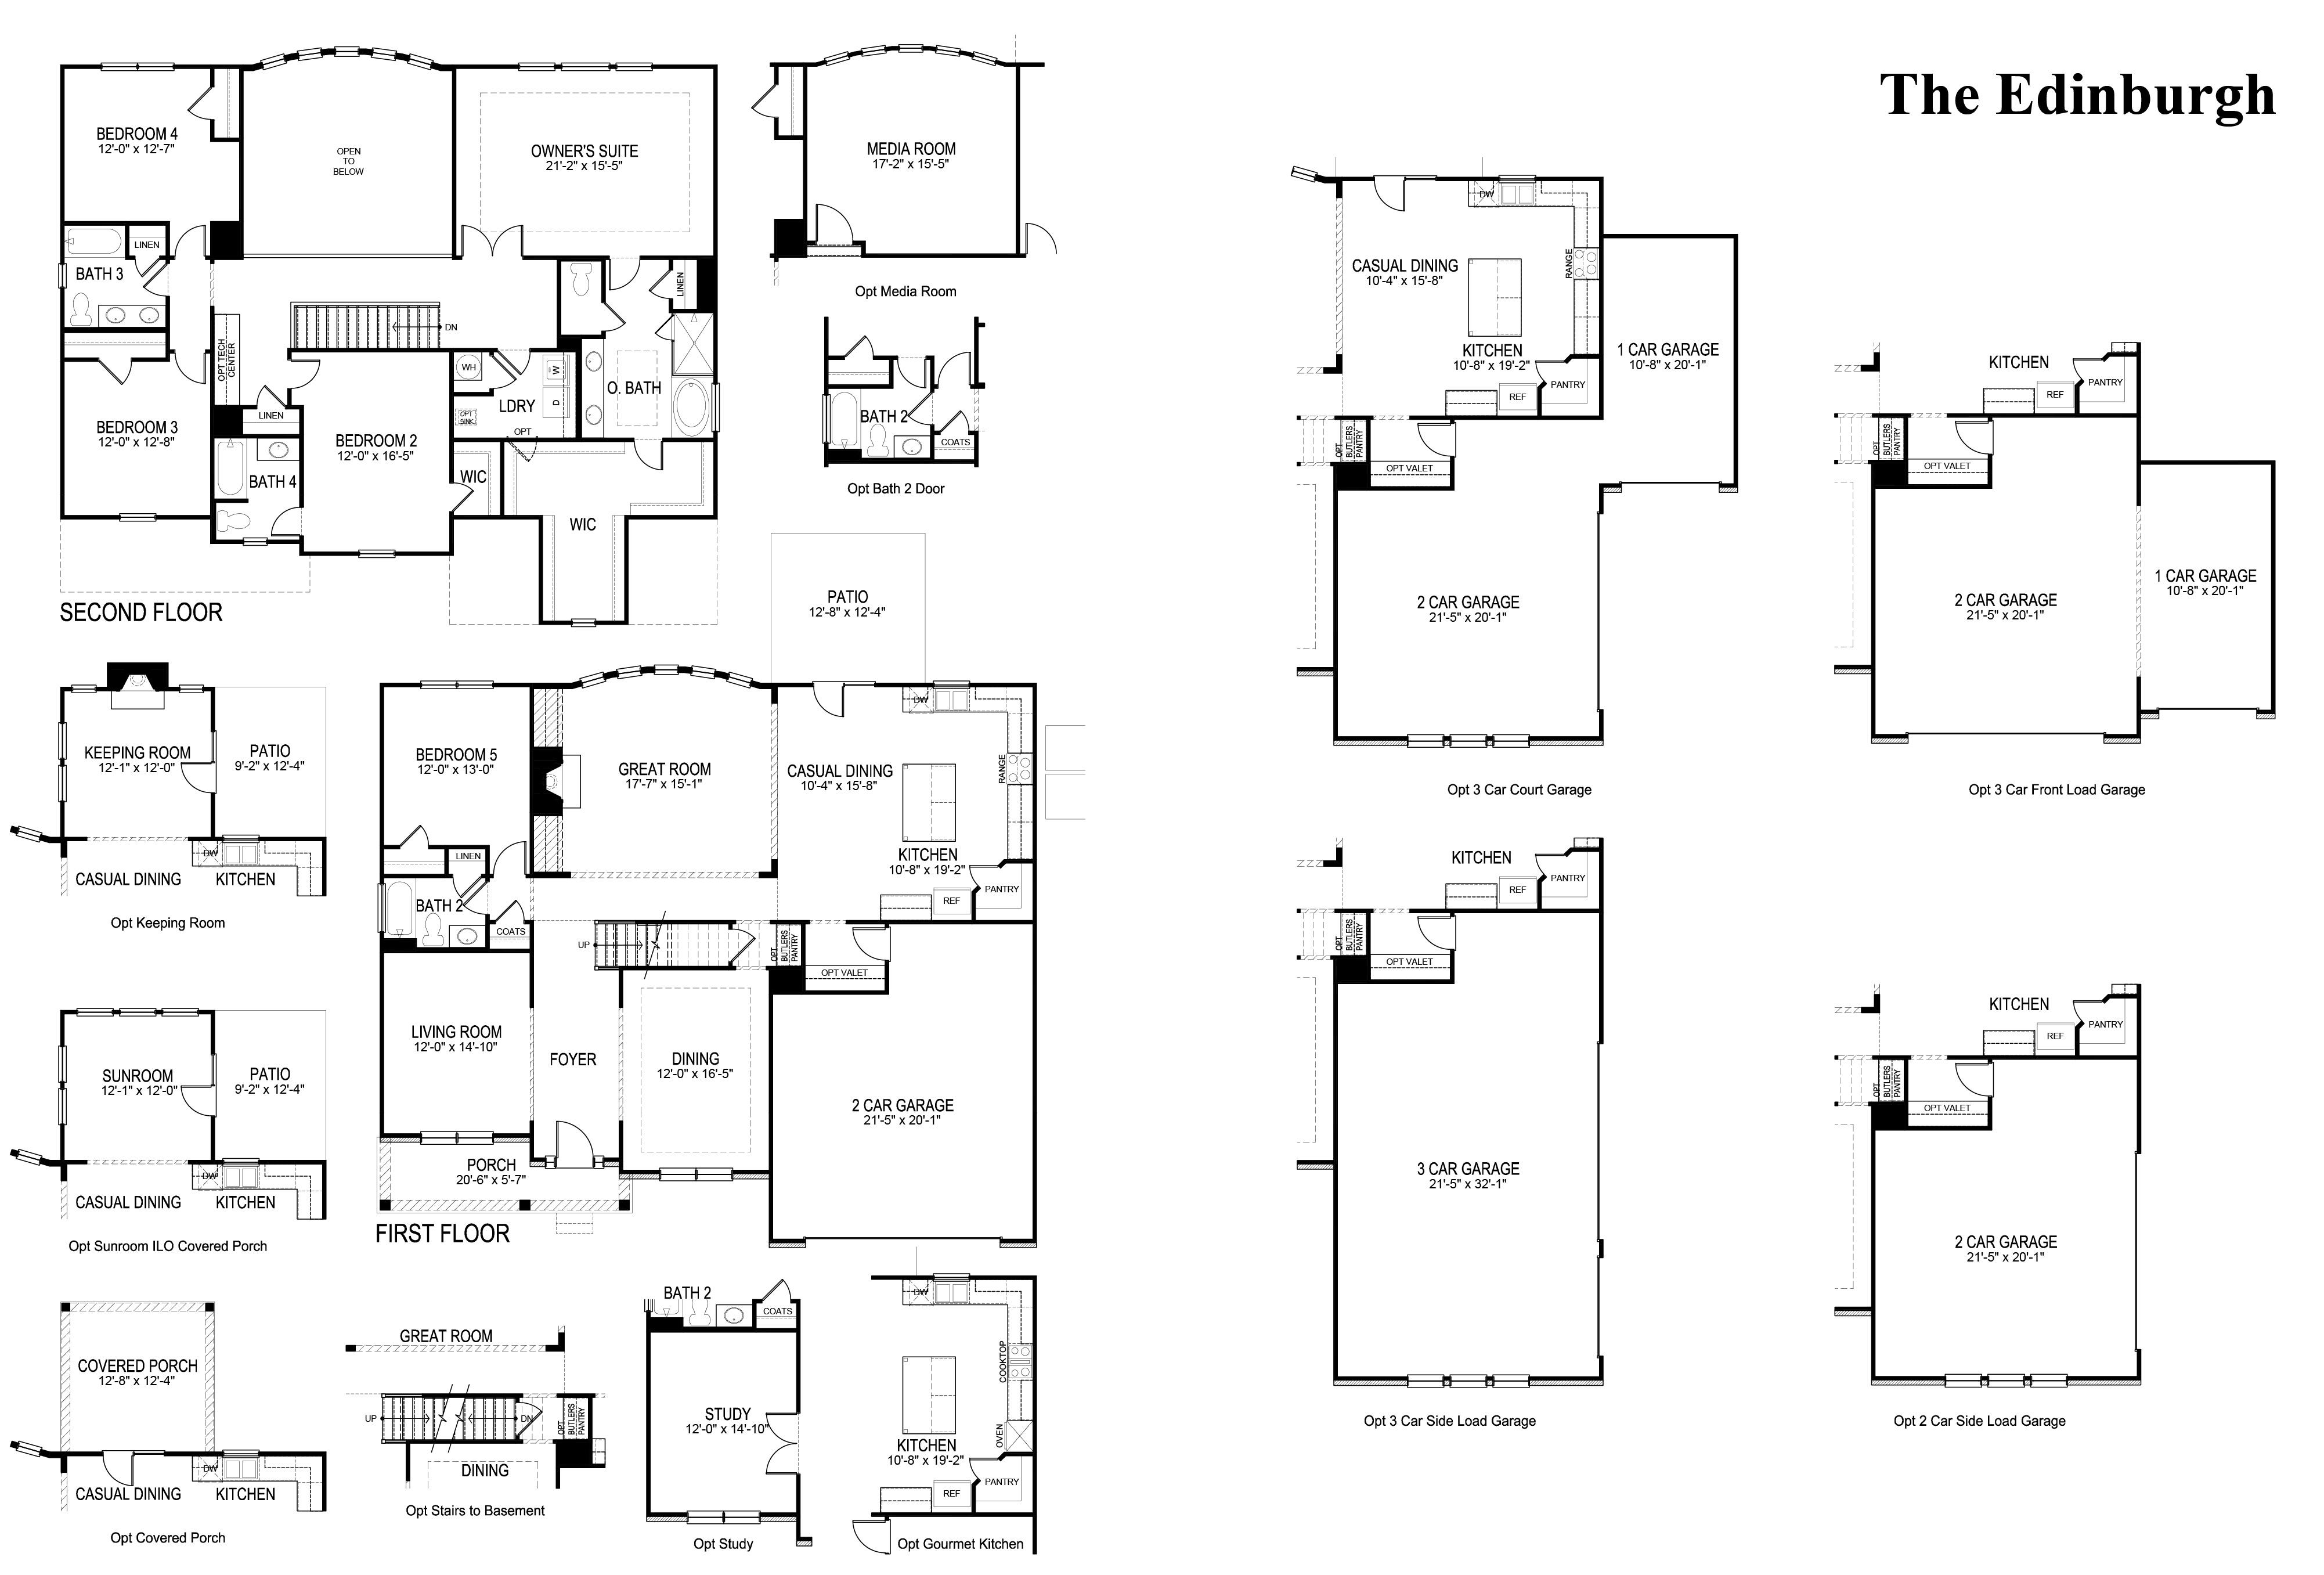 Old Centex Homes Floor Plans: Images Plans 3D Tour Layout